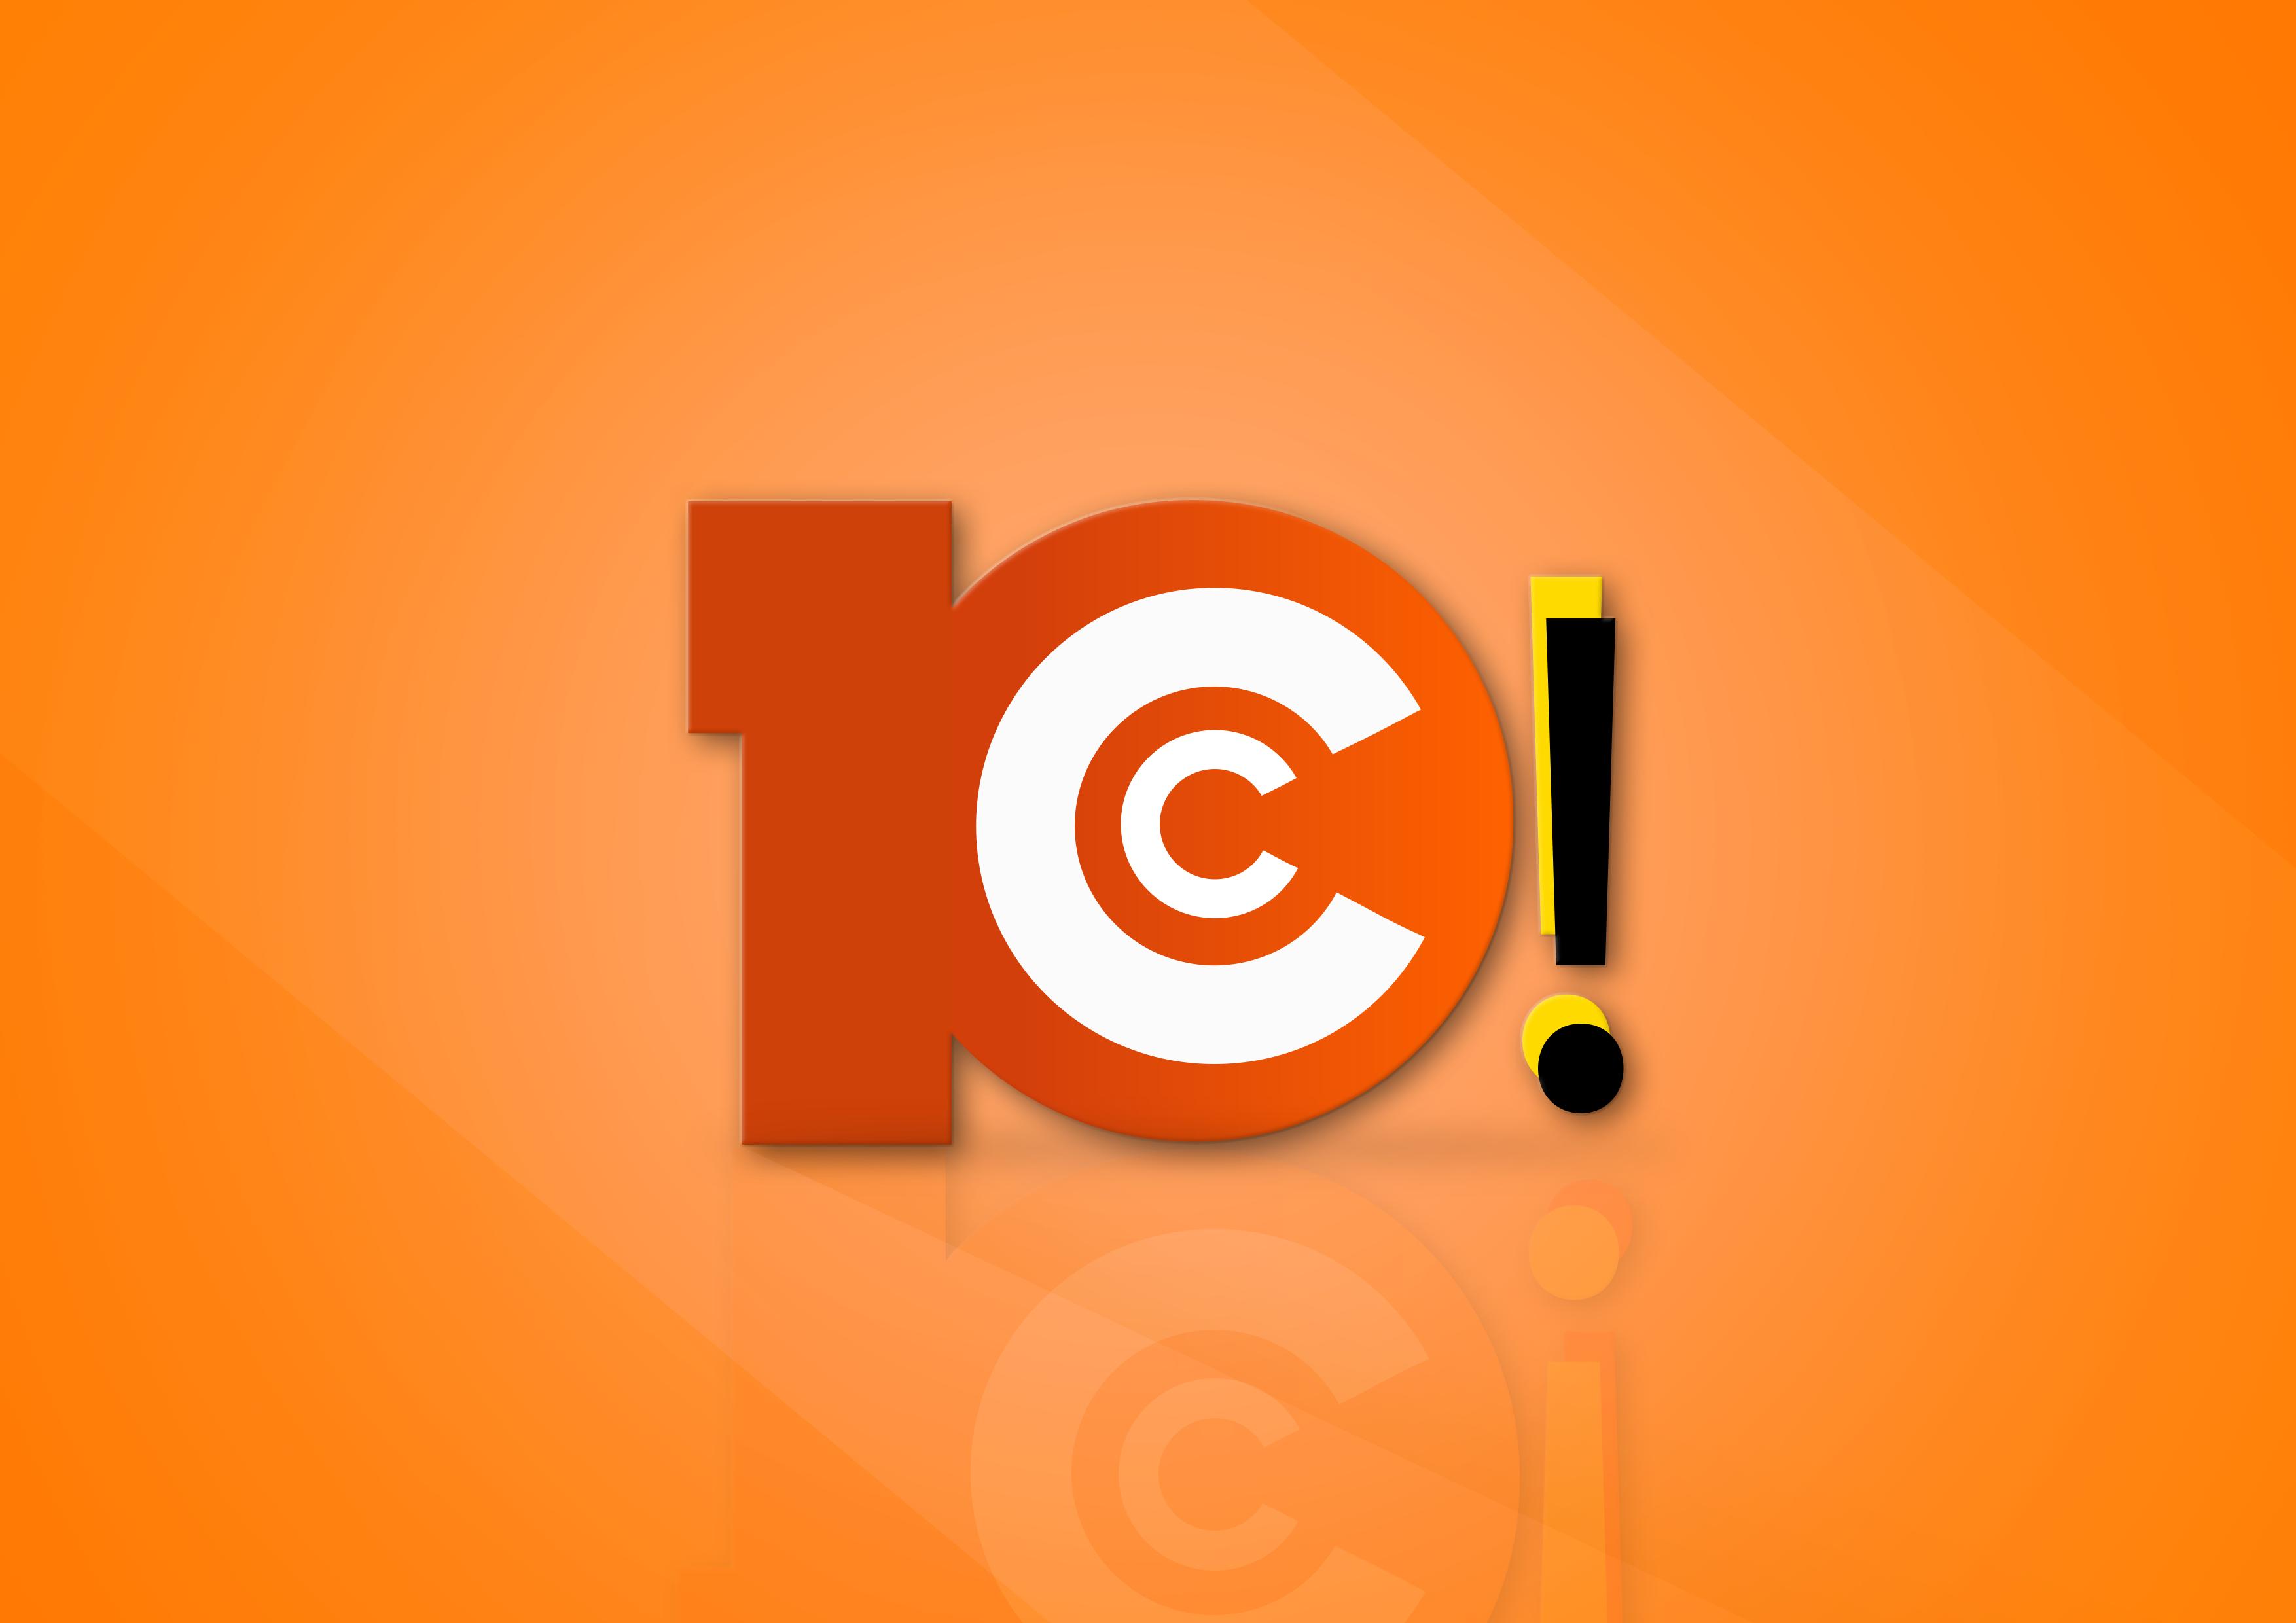 """Confira meu projeto do @Behance: """"10Controlados!"""" https://www.behance.net/gallery/33115131/10Controlados"""